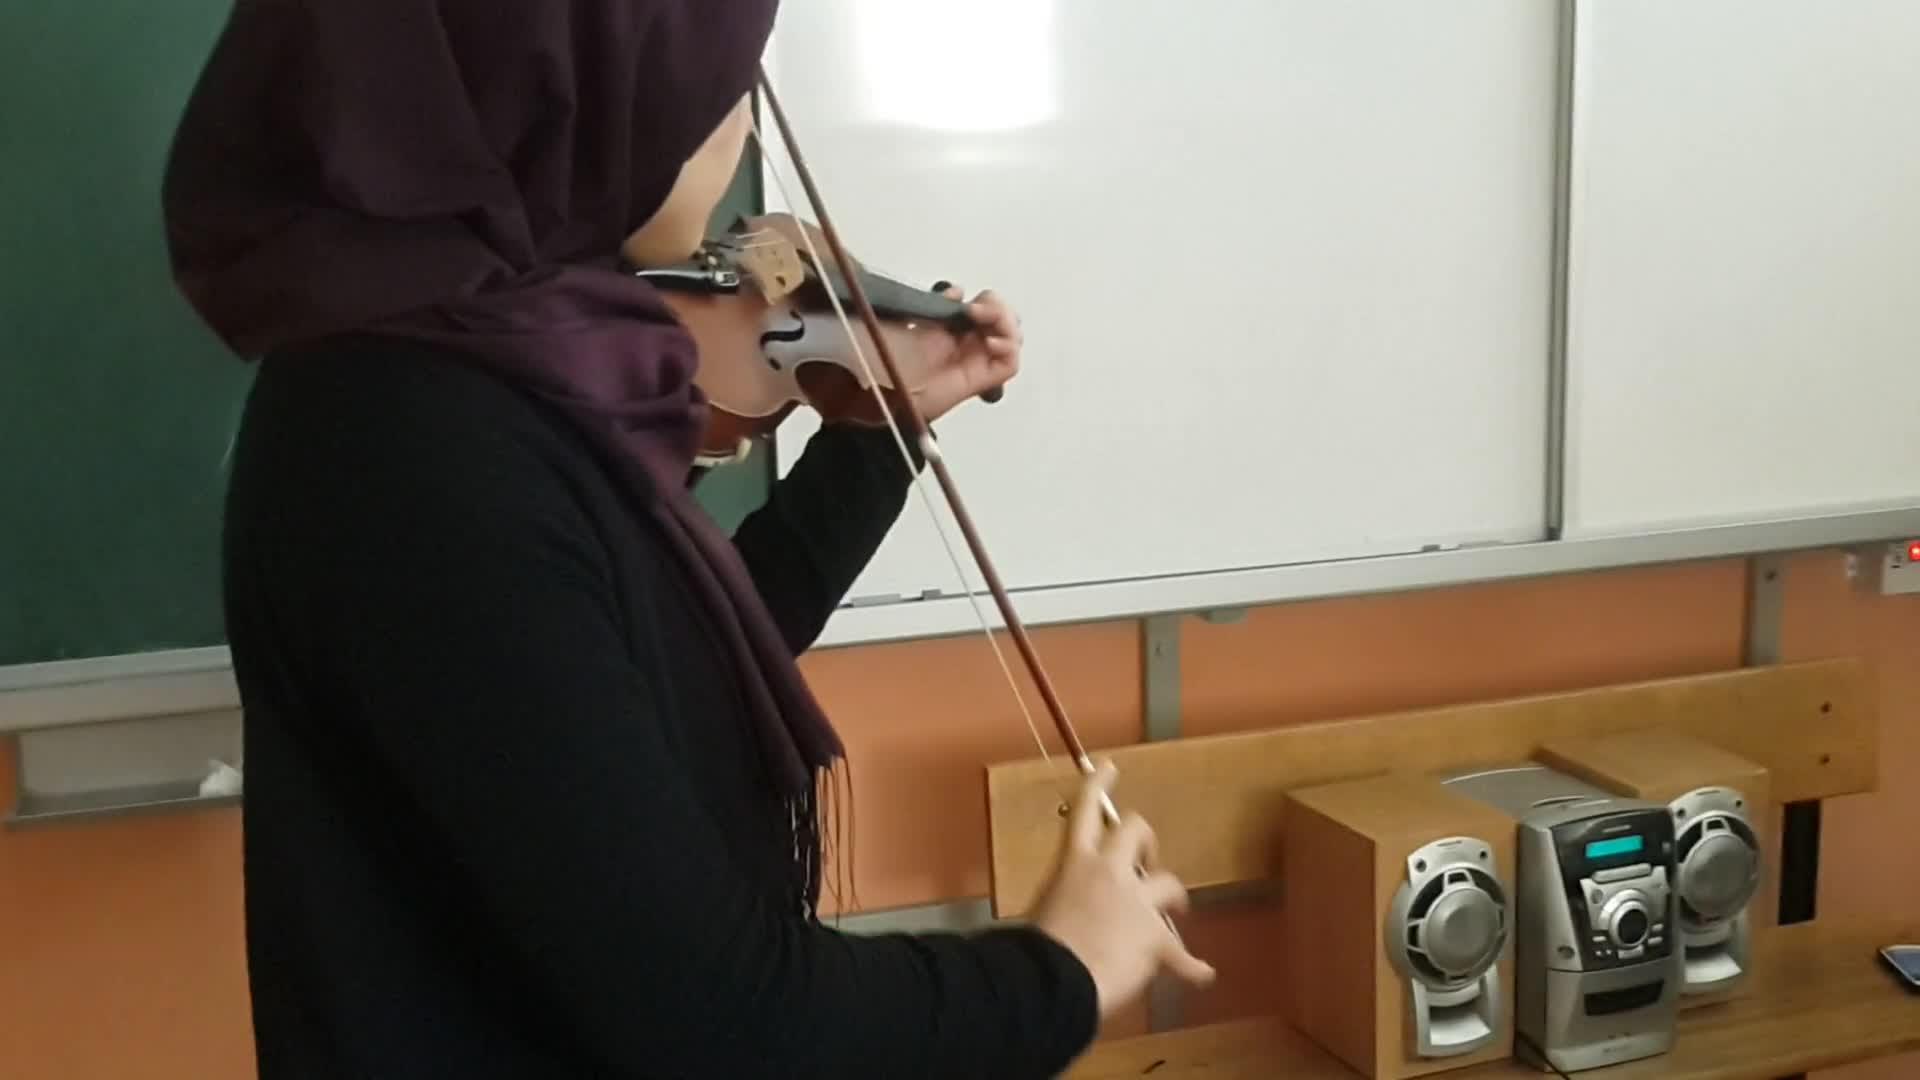 Enstrumantal Keman Sunumu şehidim Rahat Uyu Izle Video Eğitim